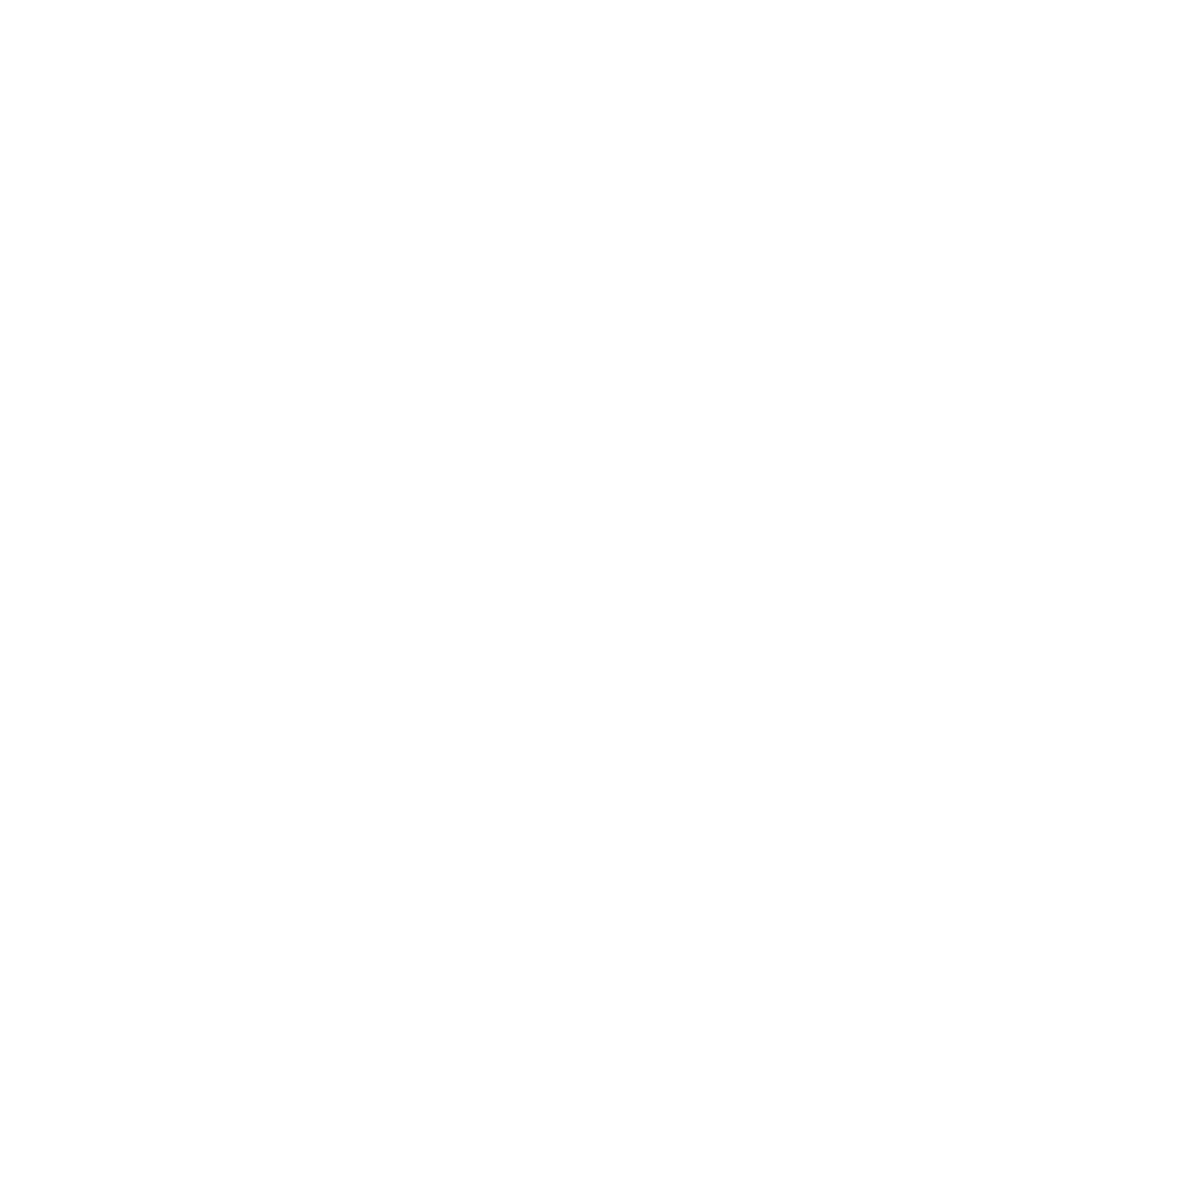 SHML TRBL x La Station